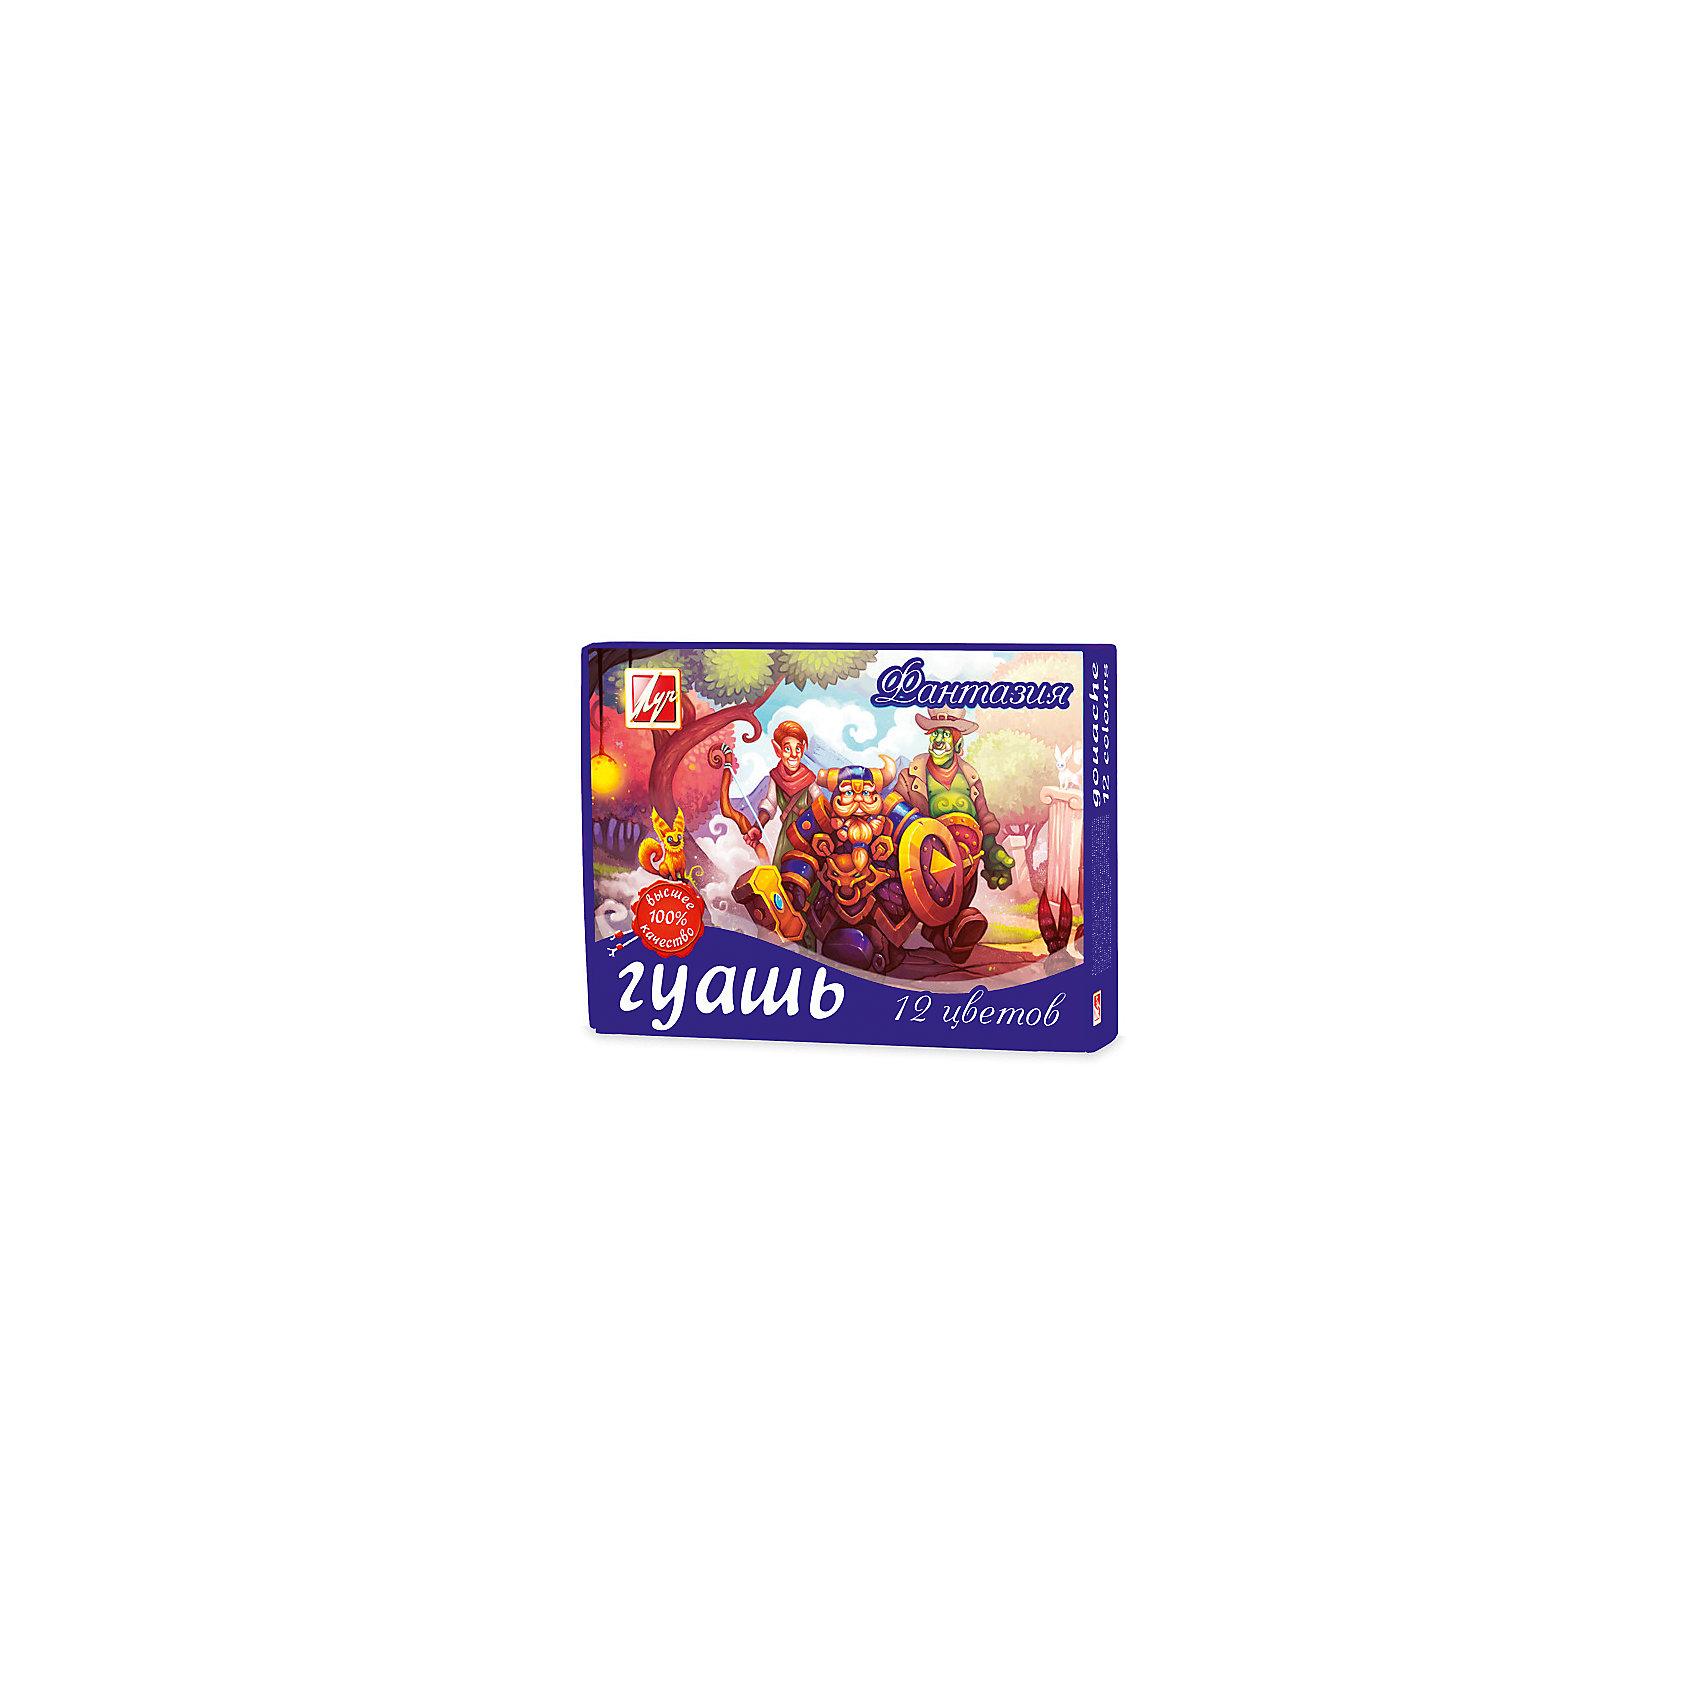 Гуашь ФАНТАЗИЯ 12 цветов (15мл) ЛучРисование и лепка<br>Гуашь «Фантазия»предназначена для детского творчества (для детей от трех лет), выполнения художественно-декоративных, оформительских работ. Краски изготовлены на основе натуральных компонентов и высококачественных пигментов. Гуашь разлита в пластмассовые баночки объёмом 15 мл с завинчивающейся крышкой, содержащей наклейку с указанием цвета краски. Краски упакованы в цветную картонную коробку. Набор гуаши Фантазия имеют прекрасную палитру ярких, чистых звучных цветов В наборе 12 цветов. Емкость одной баночки с краской составляет 15 мл.<br><br>Ширина мм: 170<br>Глубина мм: 120<br>Высота мм: 40<br>Вес г: 390<br>Возраст от месяцев: 36<br>Возраст до месяцев: 2147483647<br>Пол: Унисекс<br>Возраст: Детский<br>SKU: 7010487